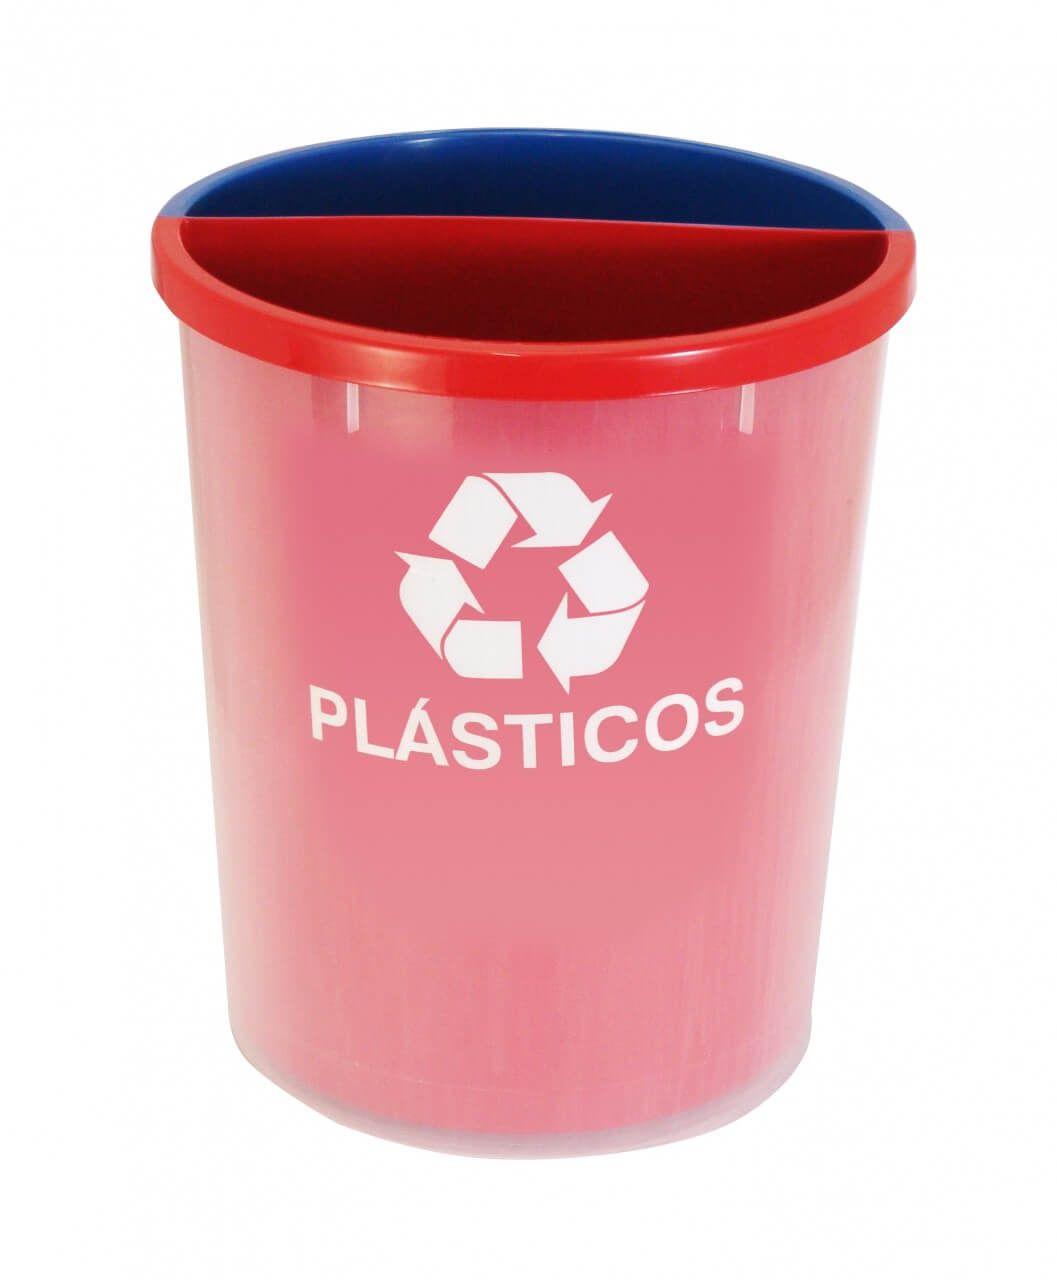 Lixeira para Coleta Seletiva em Plástico com 2 Divisórias Plastica